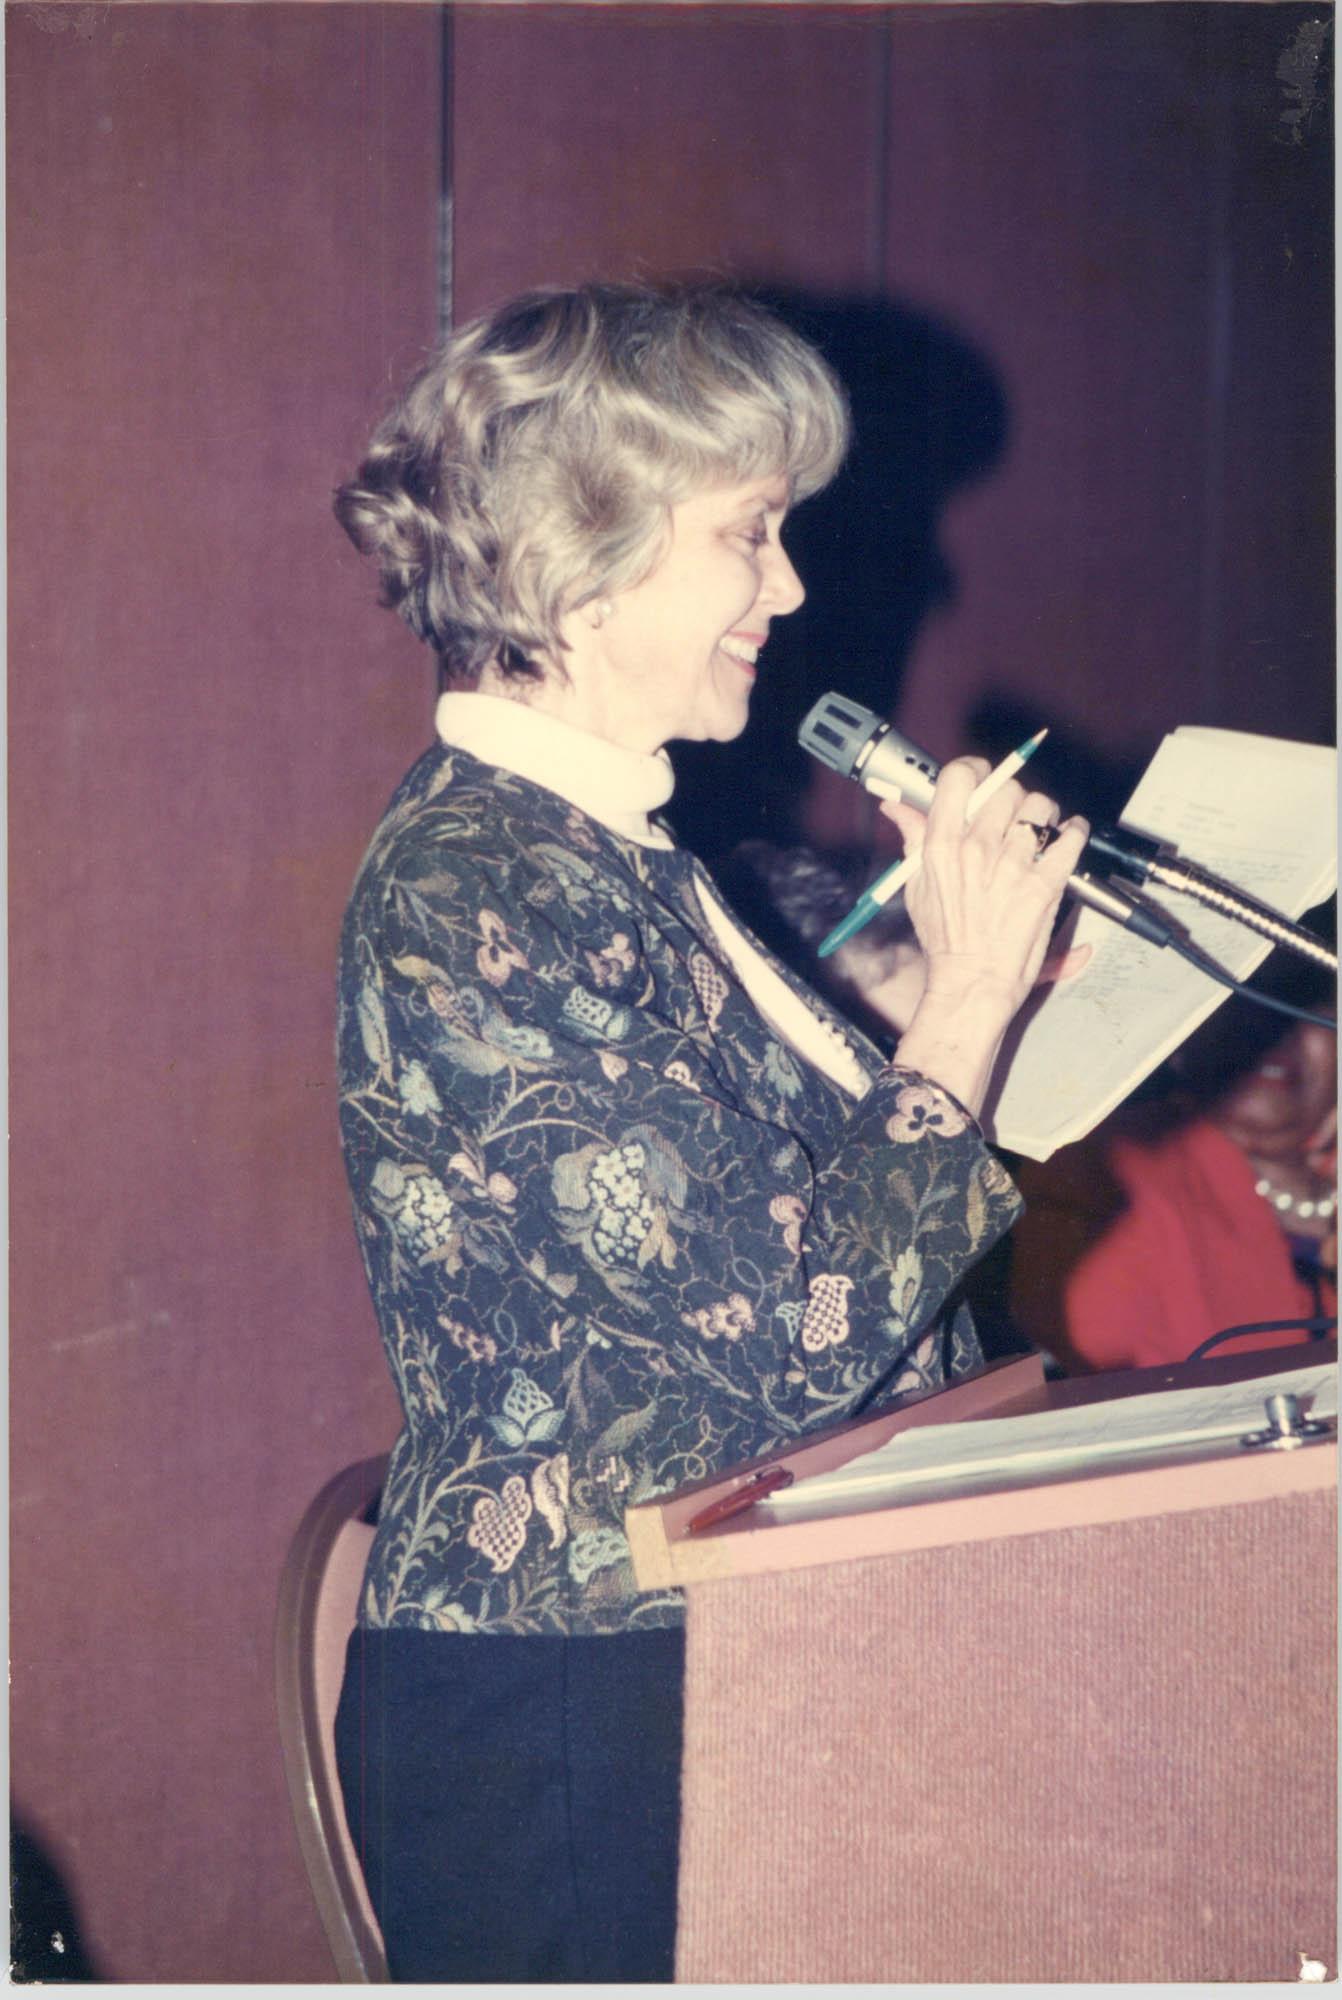 Photograph of a Women Speaker